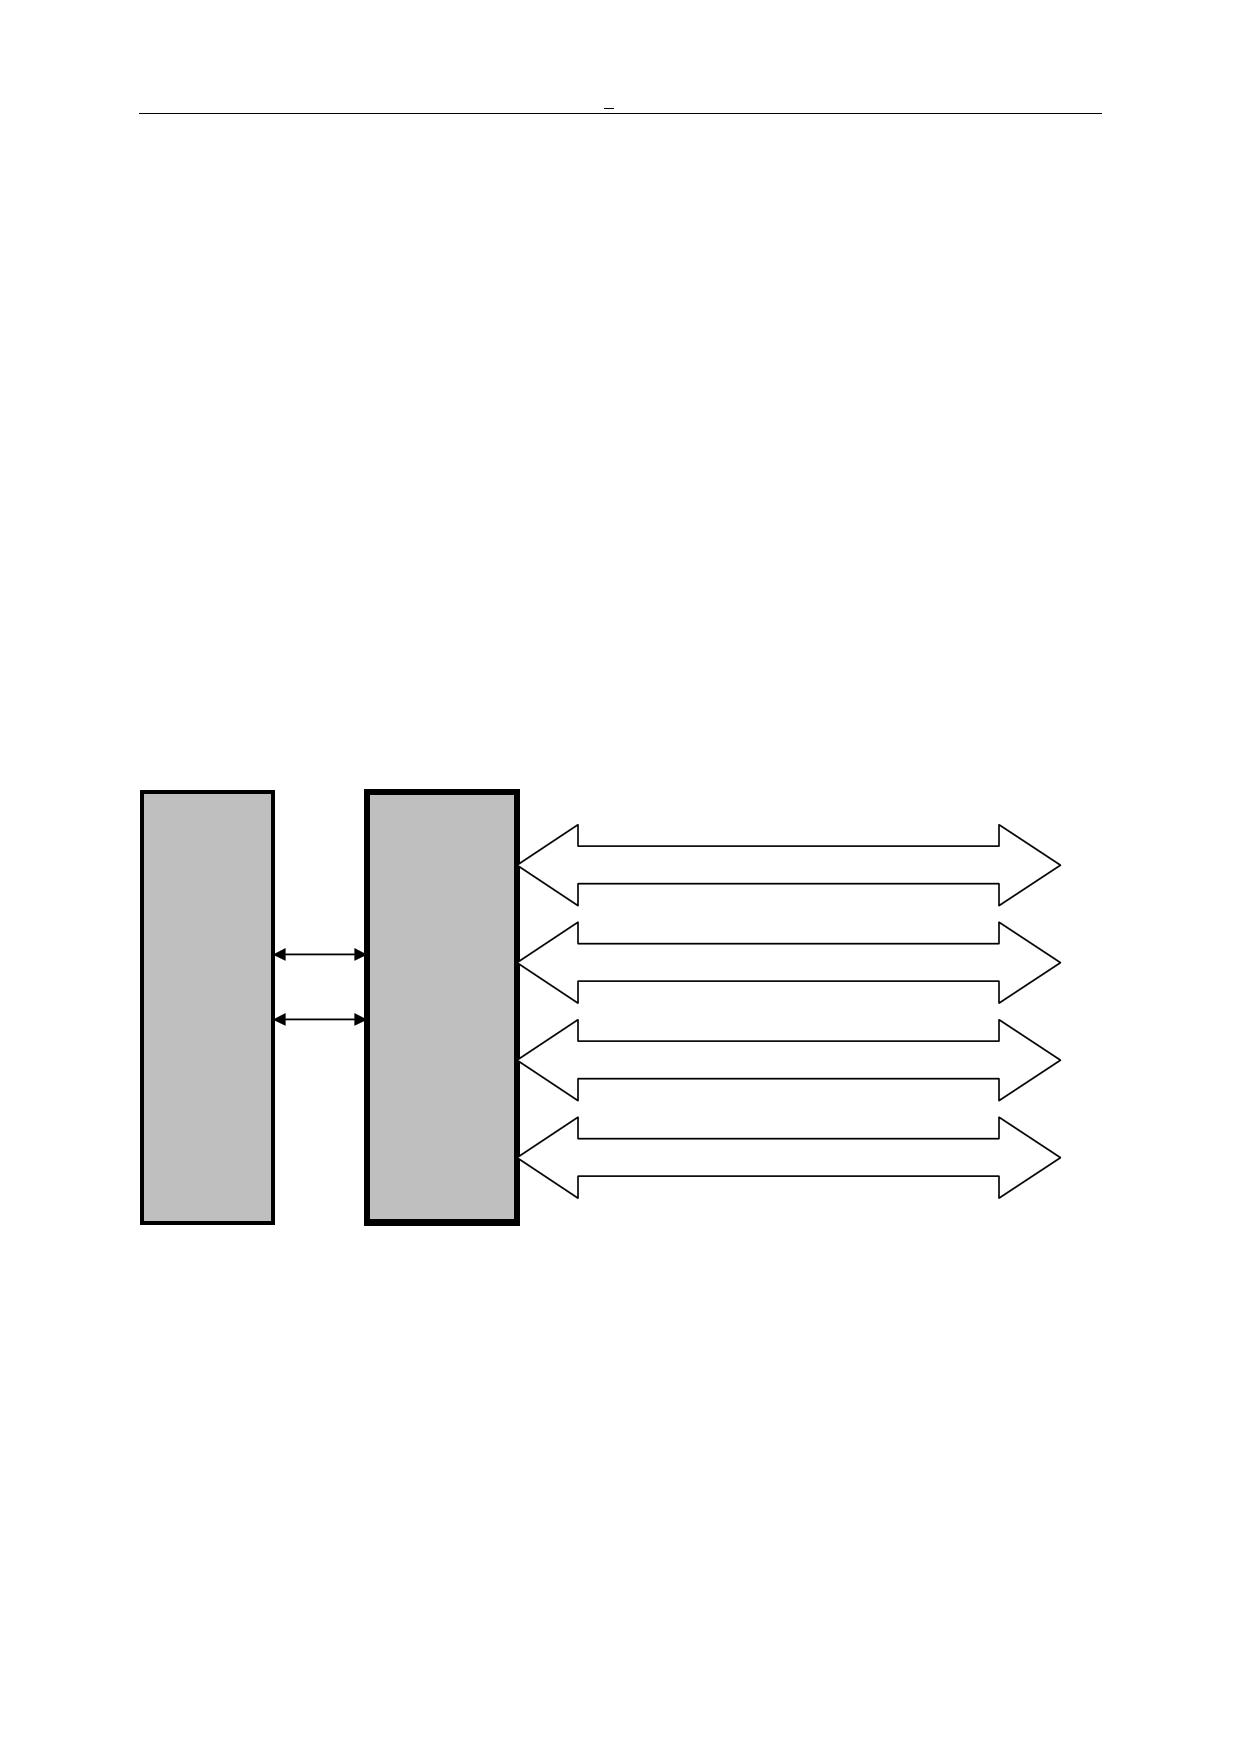 ch341a datasheet - usb bus convert chip